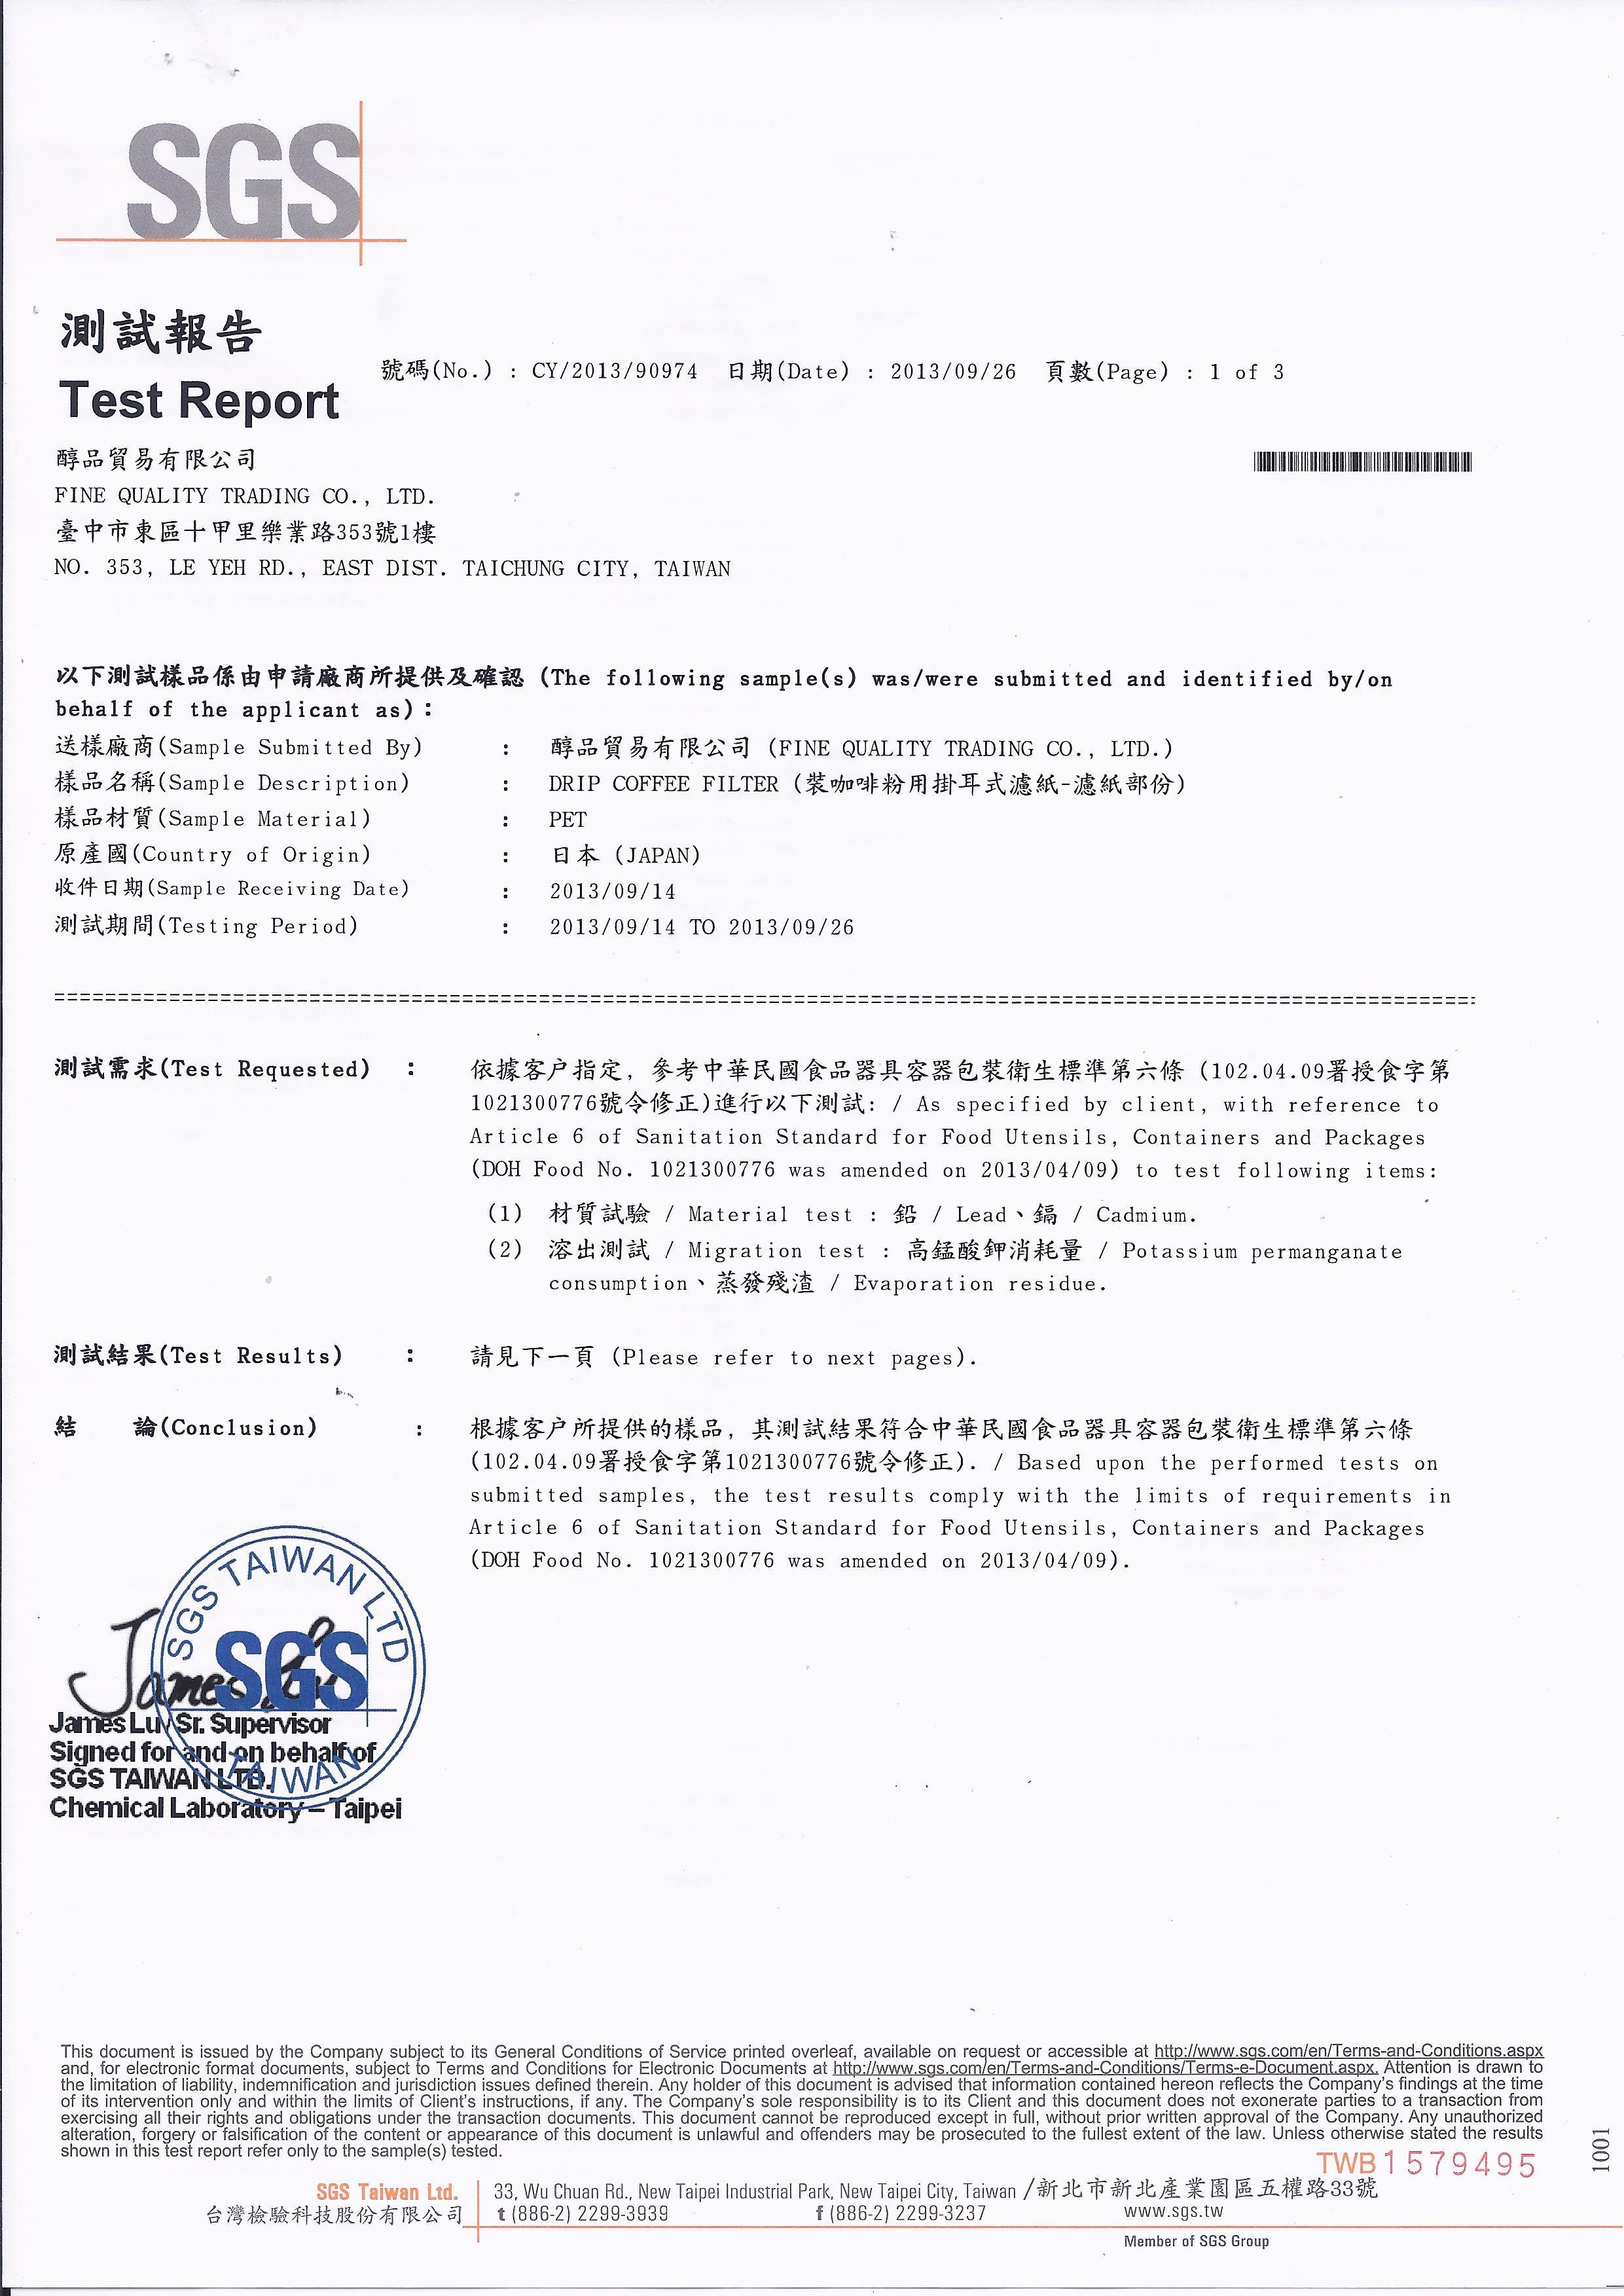 20130926-醇品-SGS測試報告-濾紙1 of 3